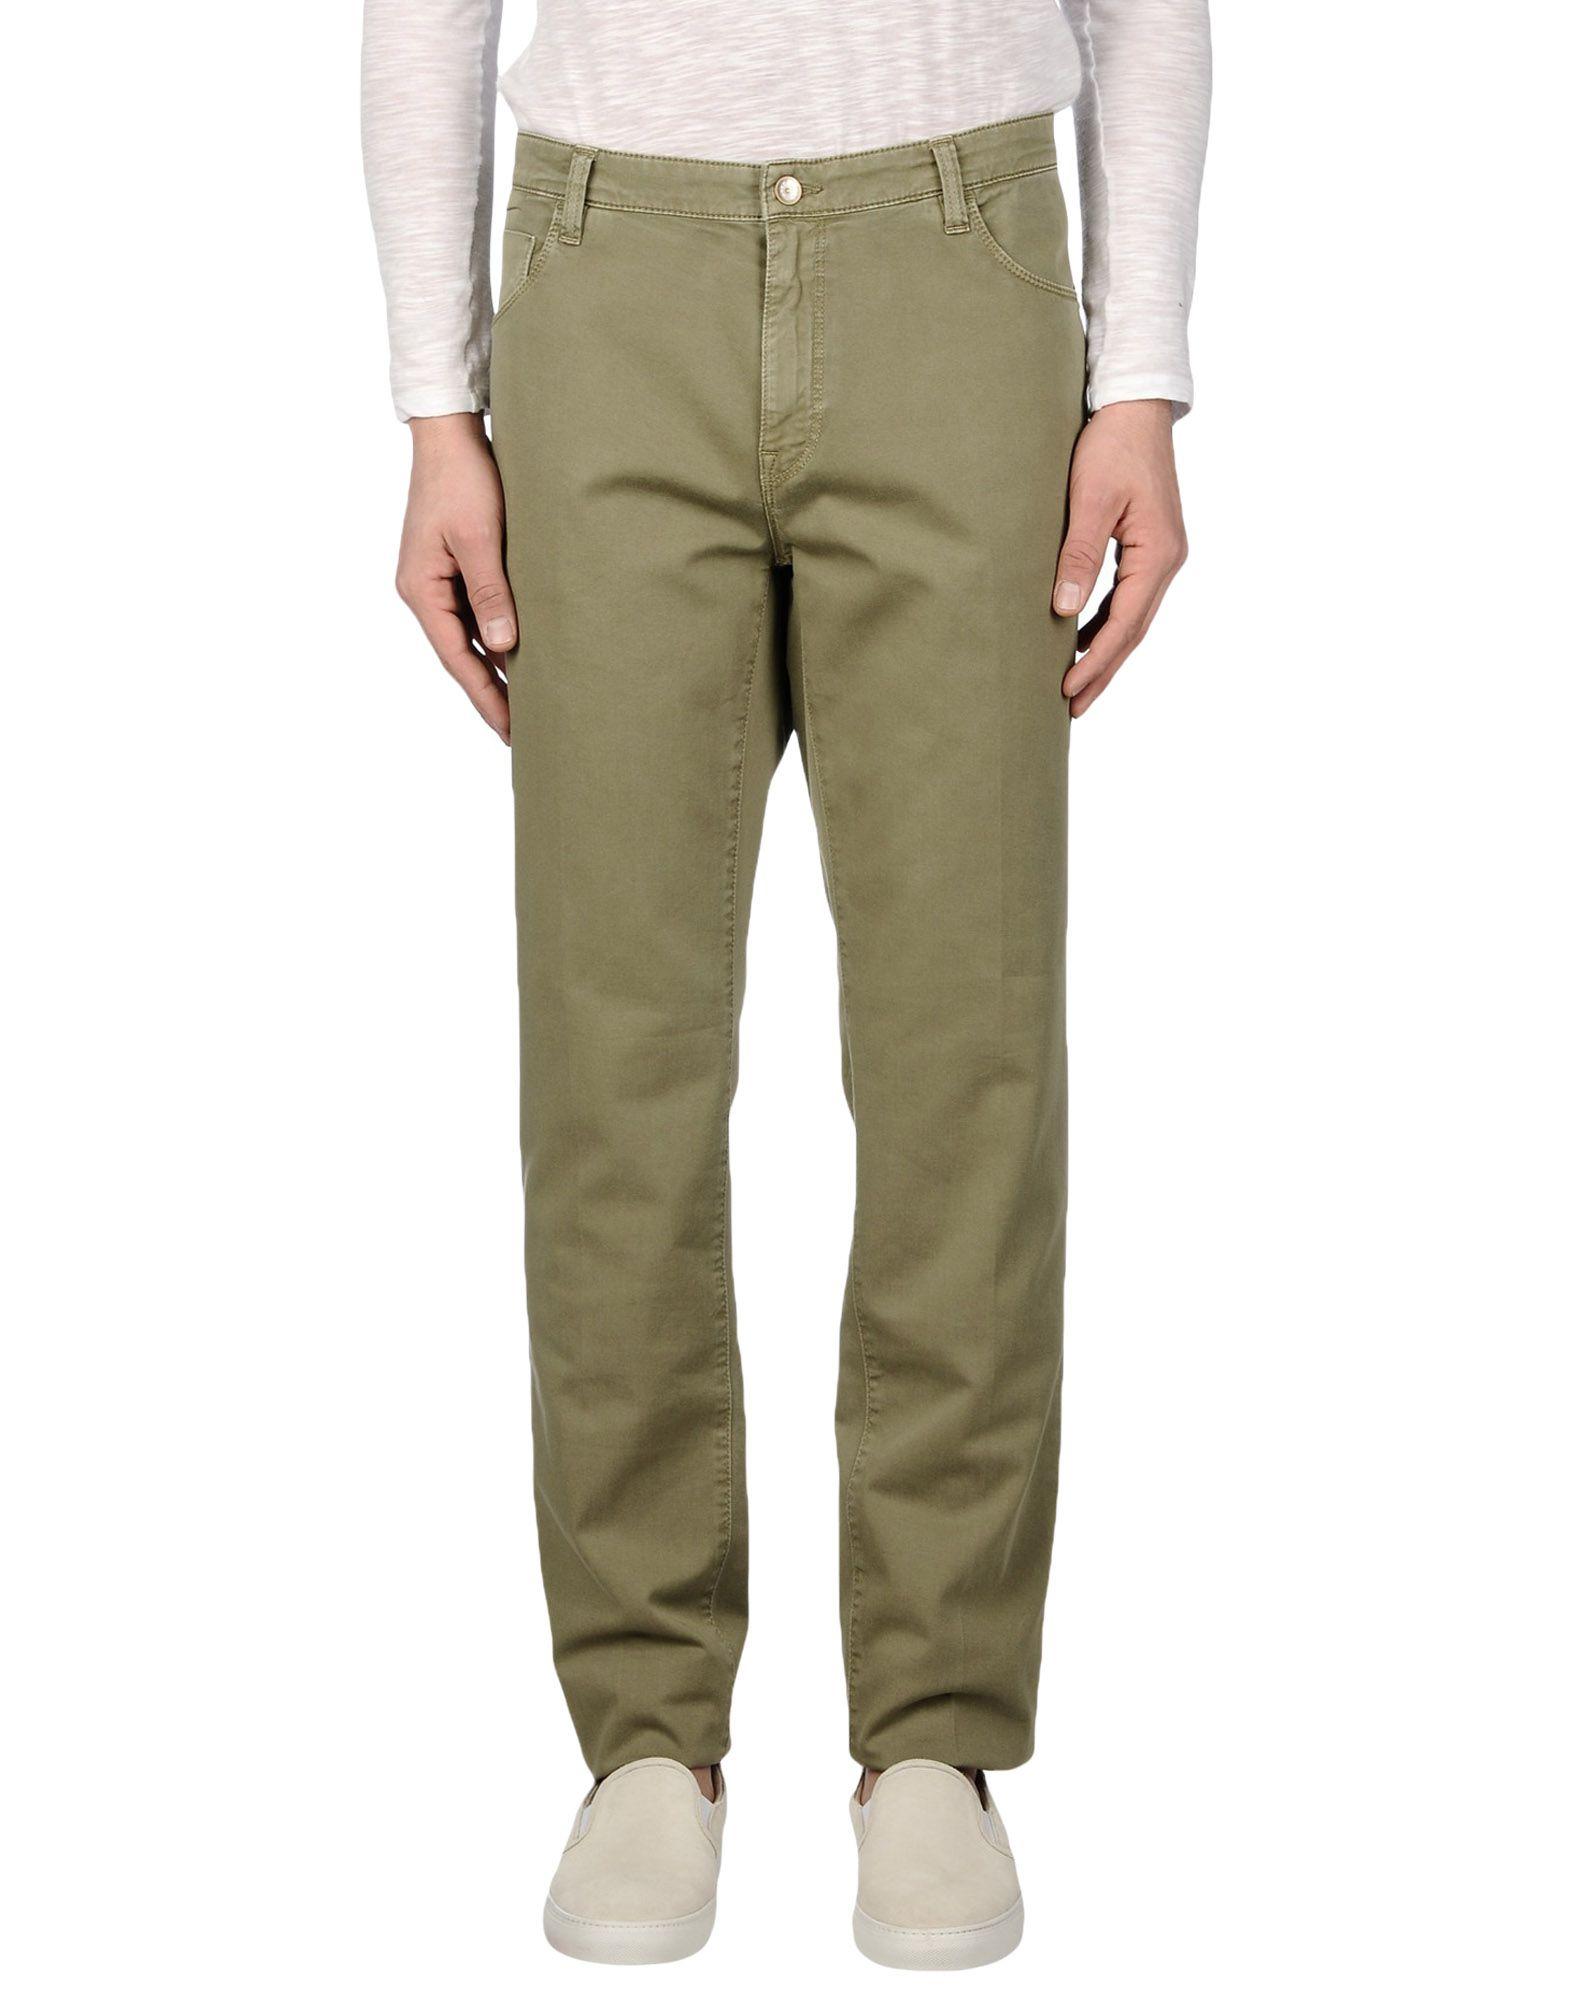 FRED PERRY Herren Hose Farbe Militärgrün Größe 14